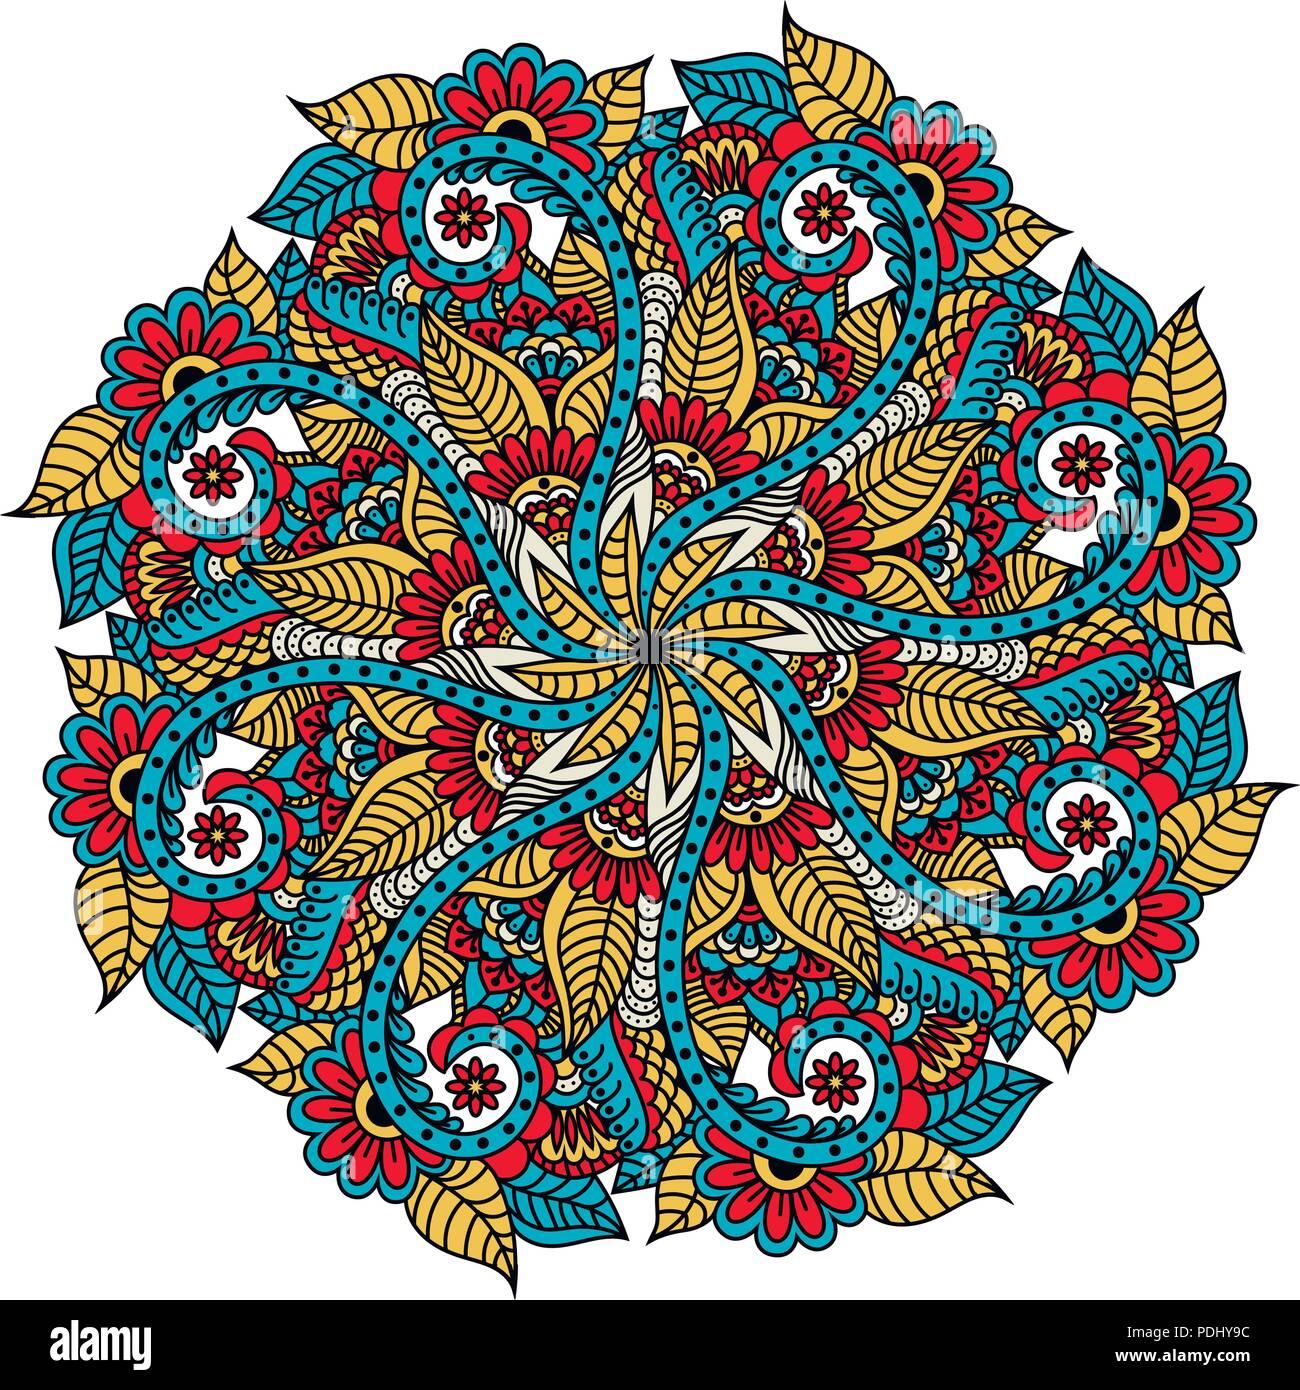 Mandala Toile à La Main Vecteur De Coloriage Pour Adultes